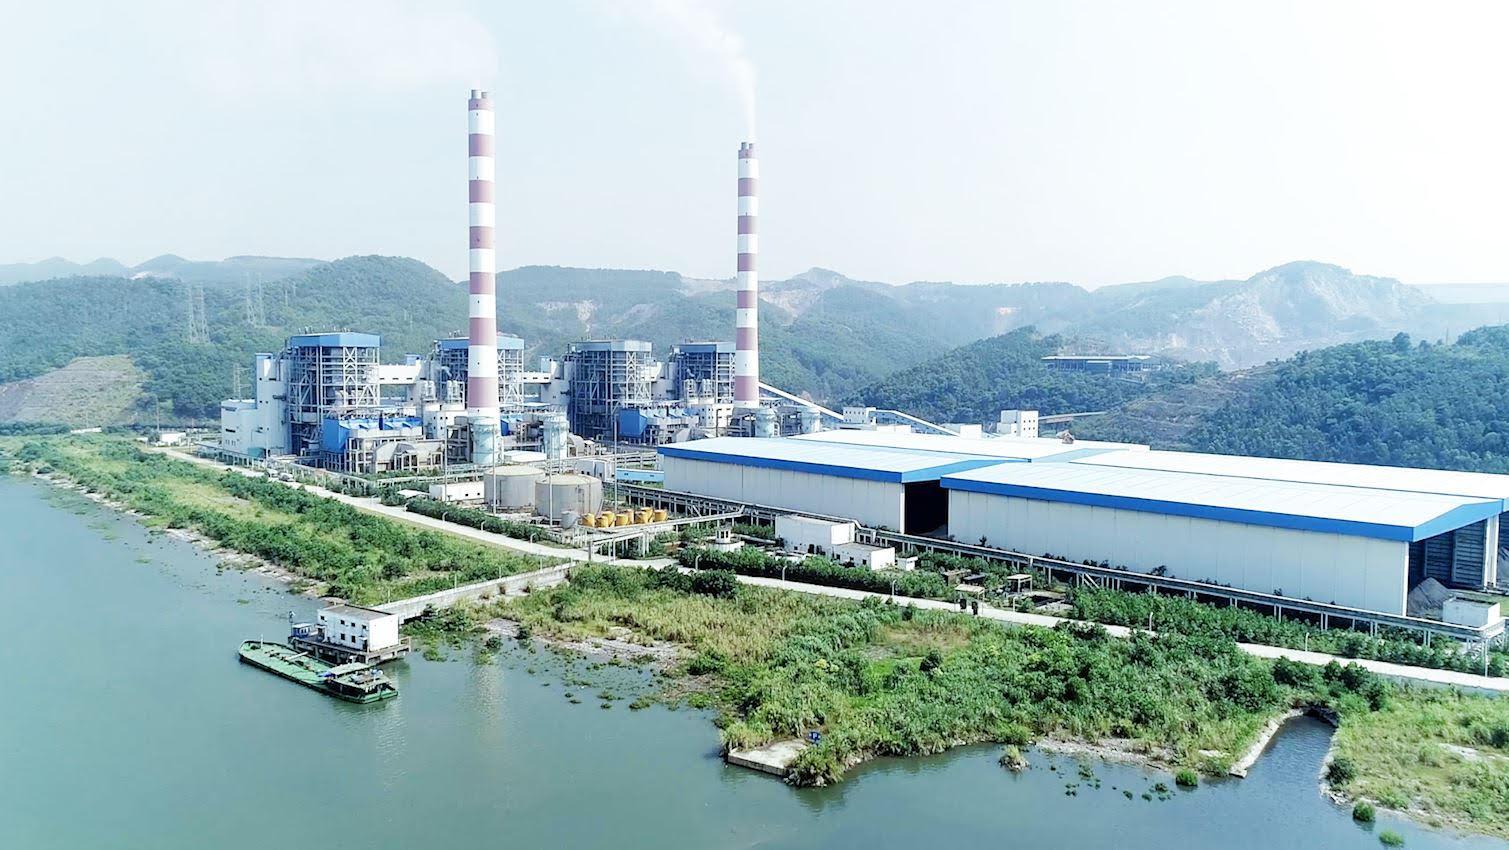 Nhiệt điện Quảng Ninh (QTP) sắp chi 450 tỷ đồng trả cổ tức năm 2020, tỷ lệ 10% - Ảnh 1